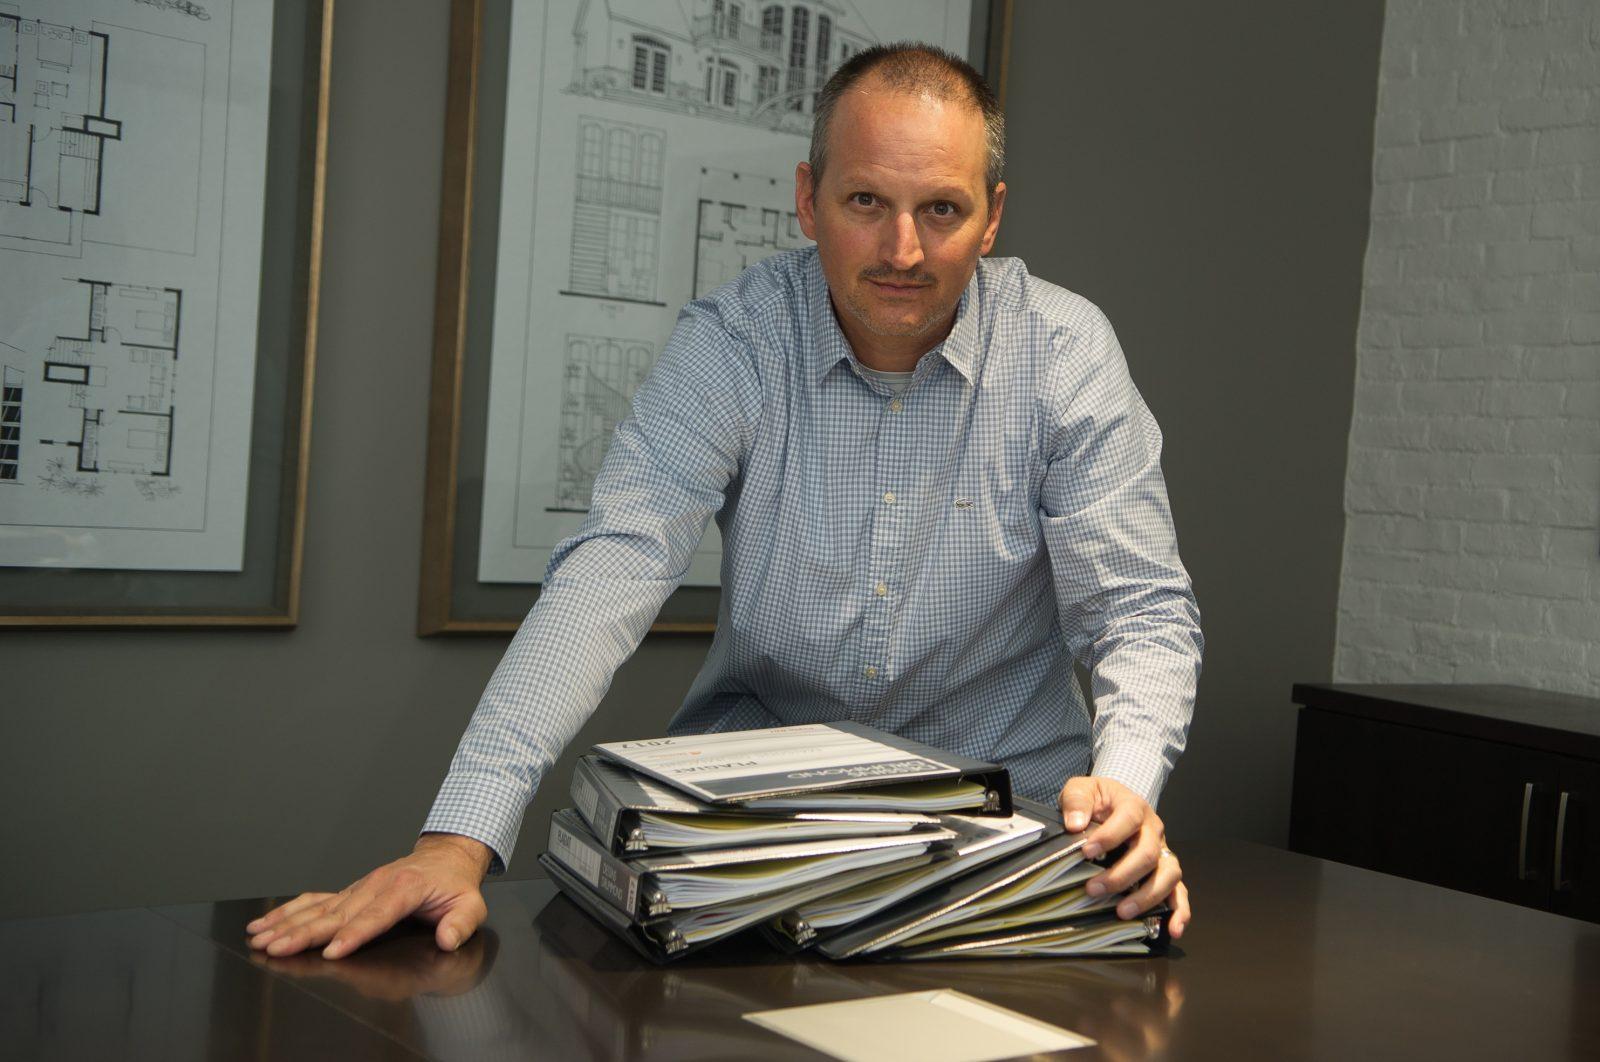 Dessins Drummond poursuit huit entreprises pour plagiat